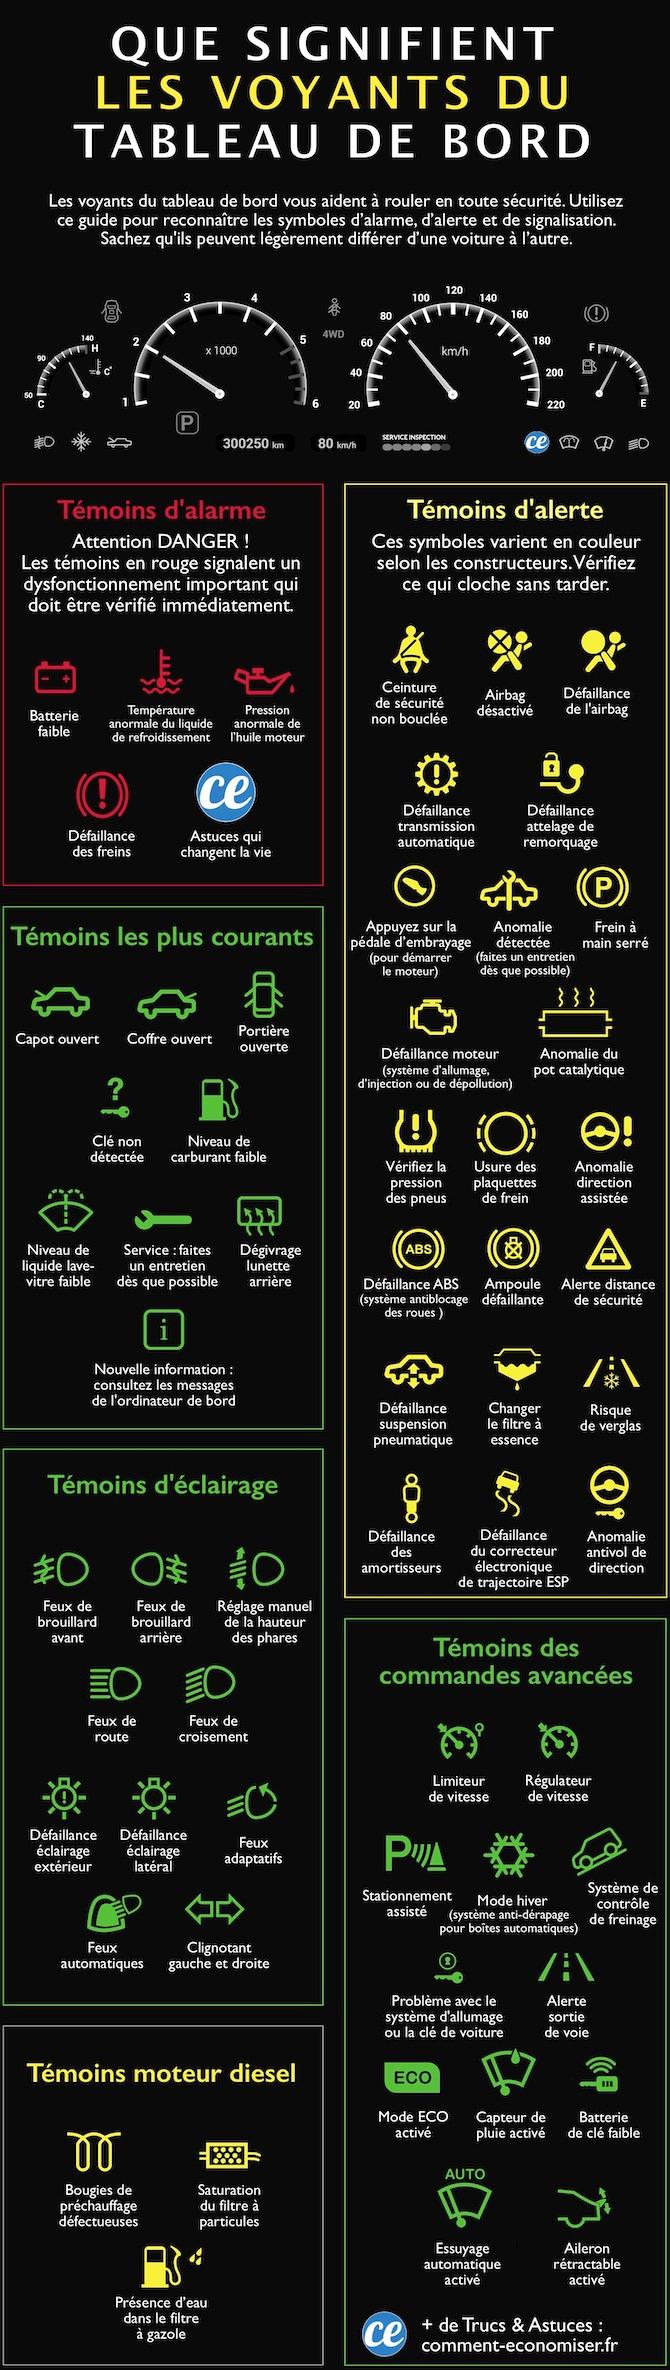 Que Signifient Les Voyants Du Tableau De Bord Le Guide Indispensable Tableau De Bord Voyants Voiture Apprendre A Conduire